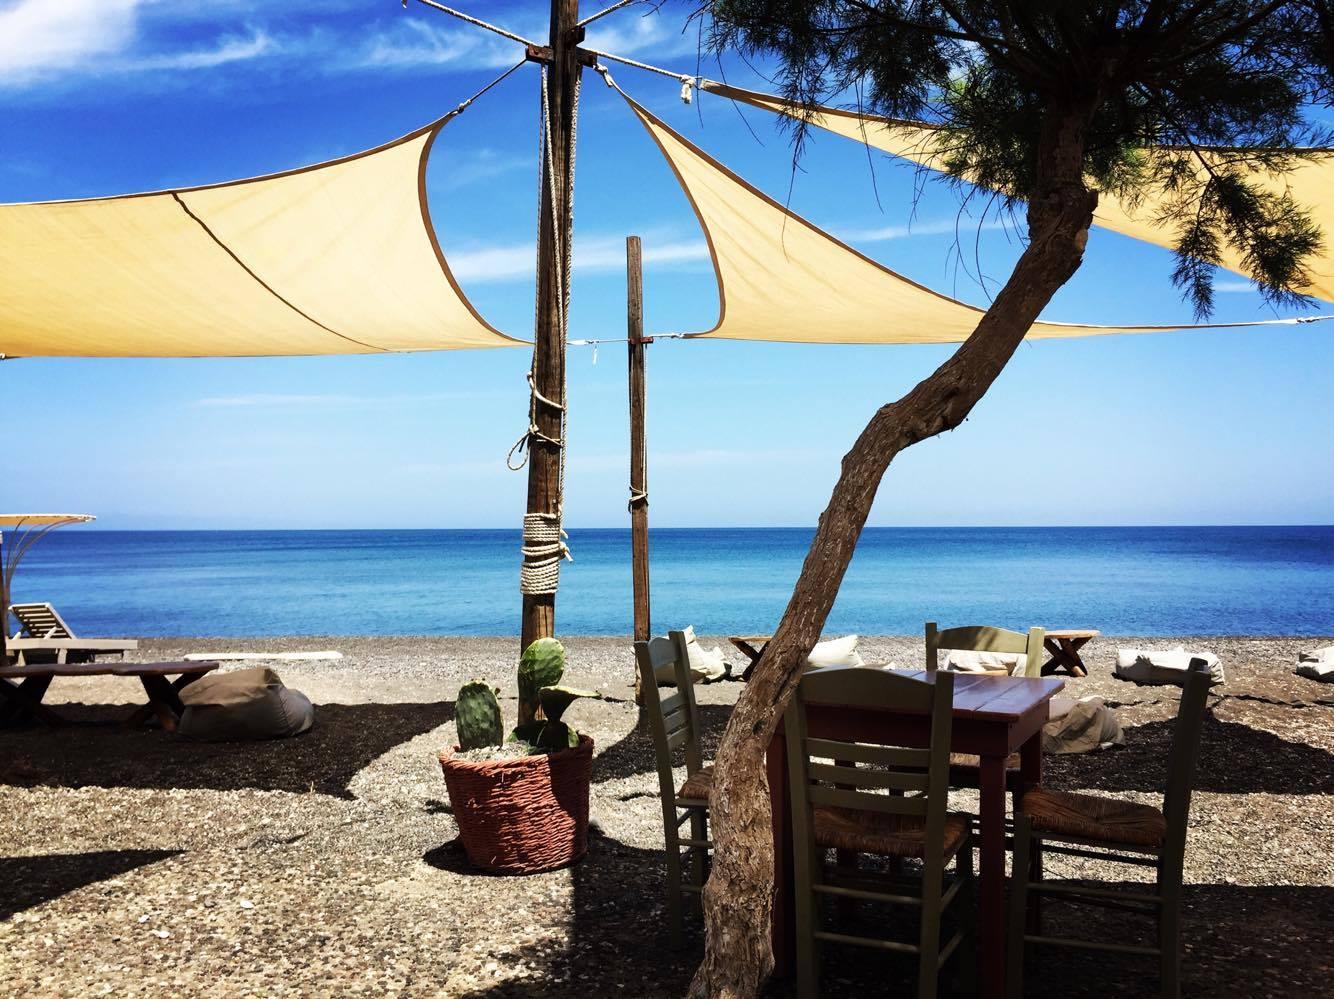 Séjour à Santorin: 4 choses à faire sur l'île aux merveilles - 2